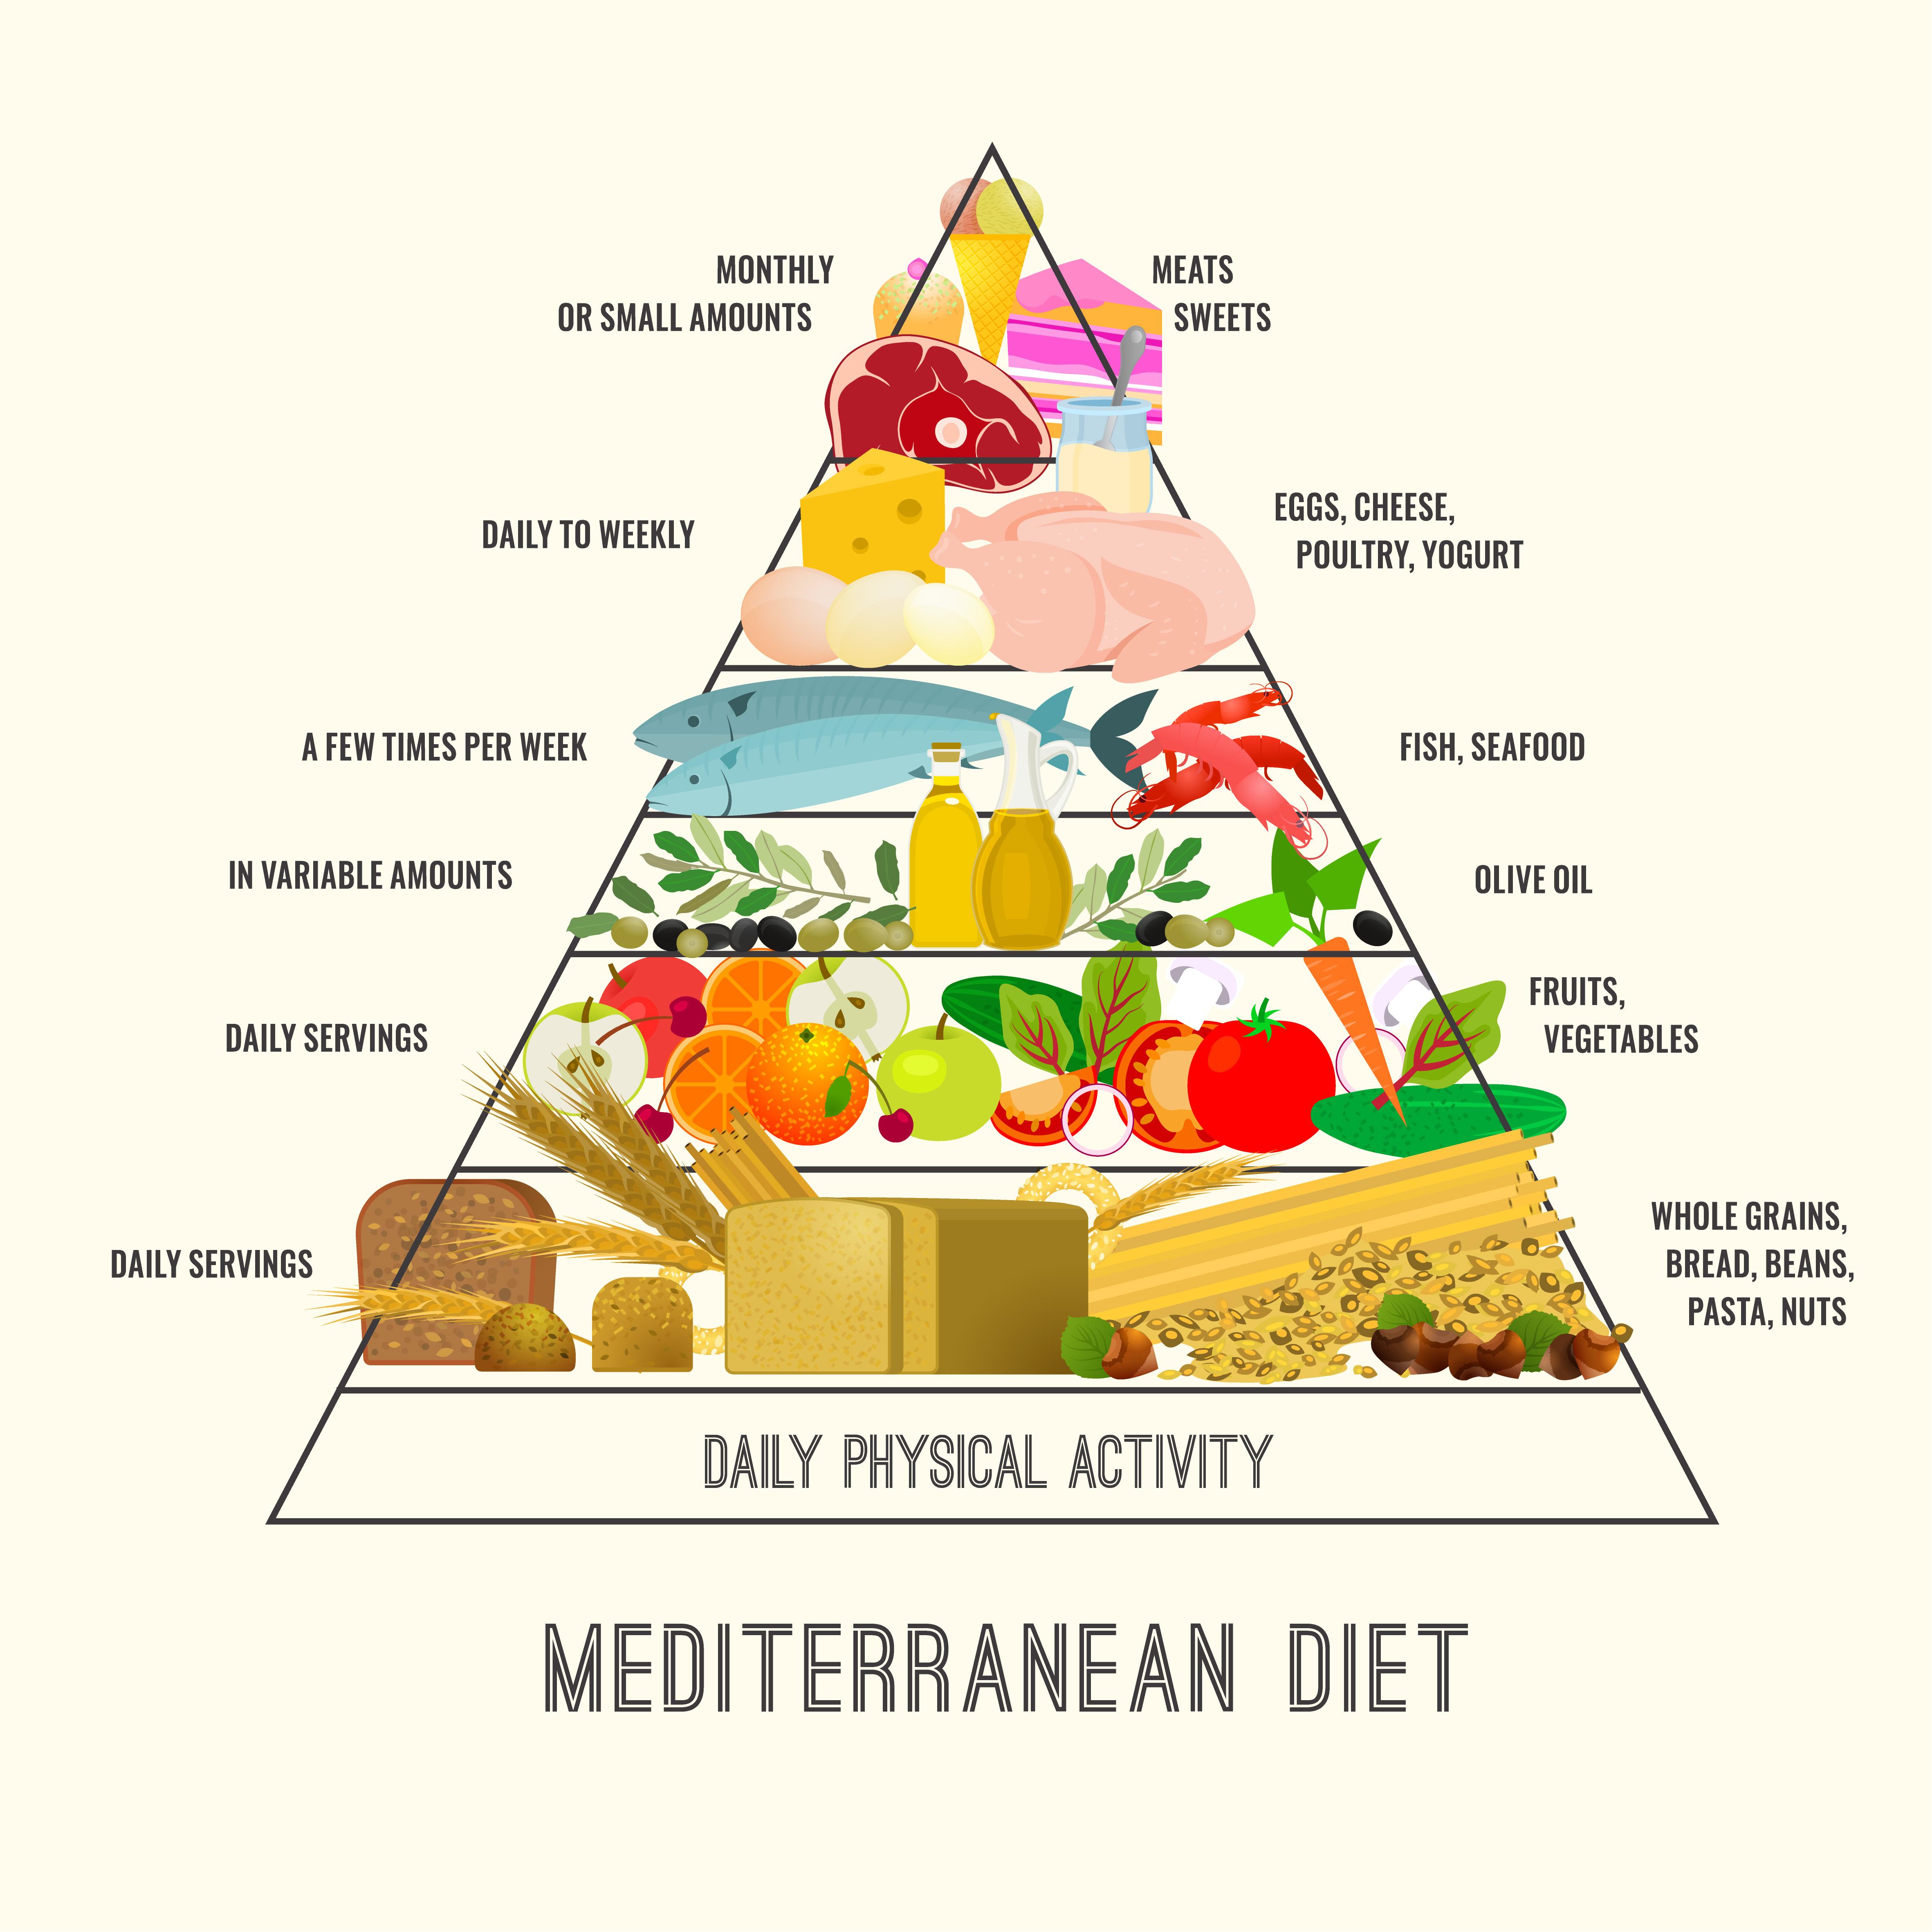 Mediterranean diet plan on food pyramid